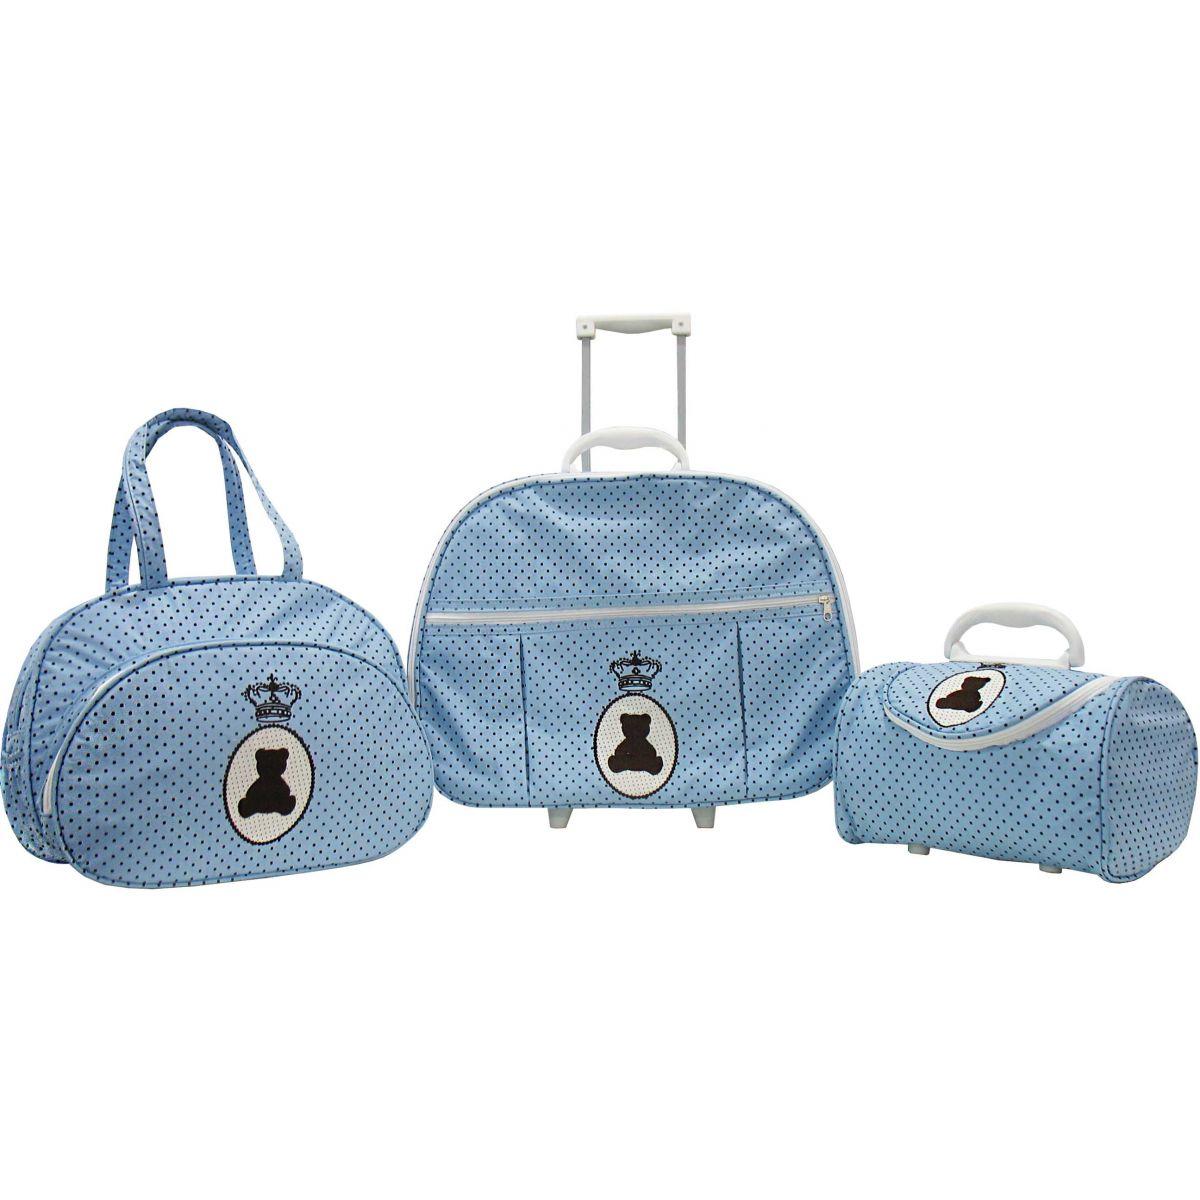 Kit de Bolsa Maternidade Urso na Medalha Azul com Poá 3 peças + Brinde